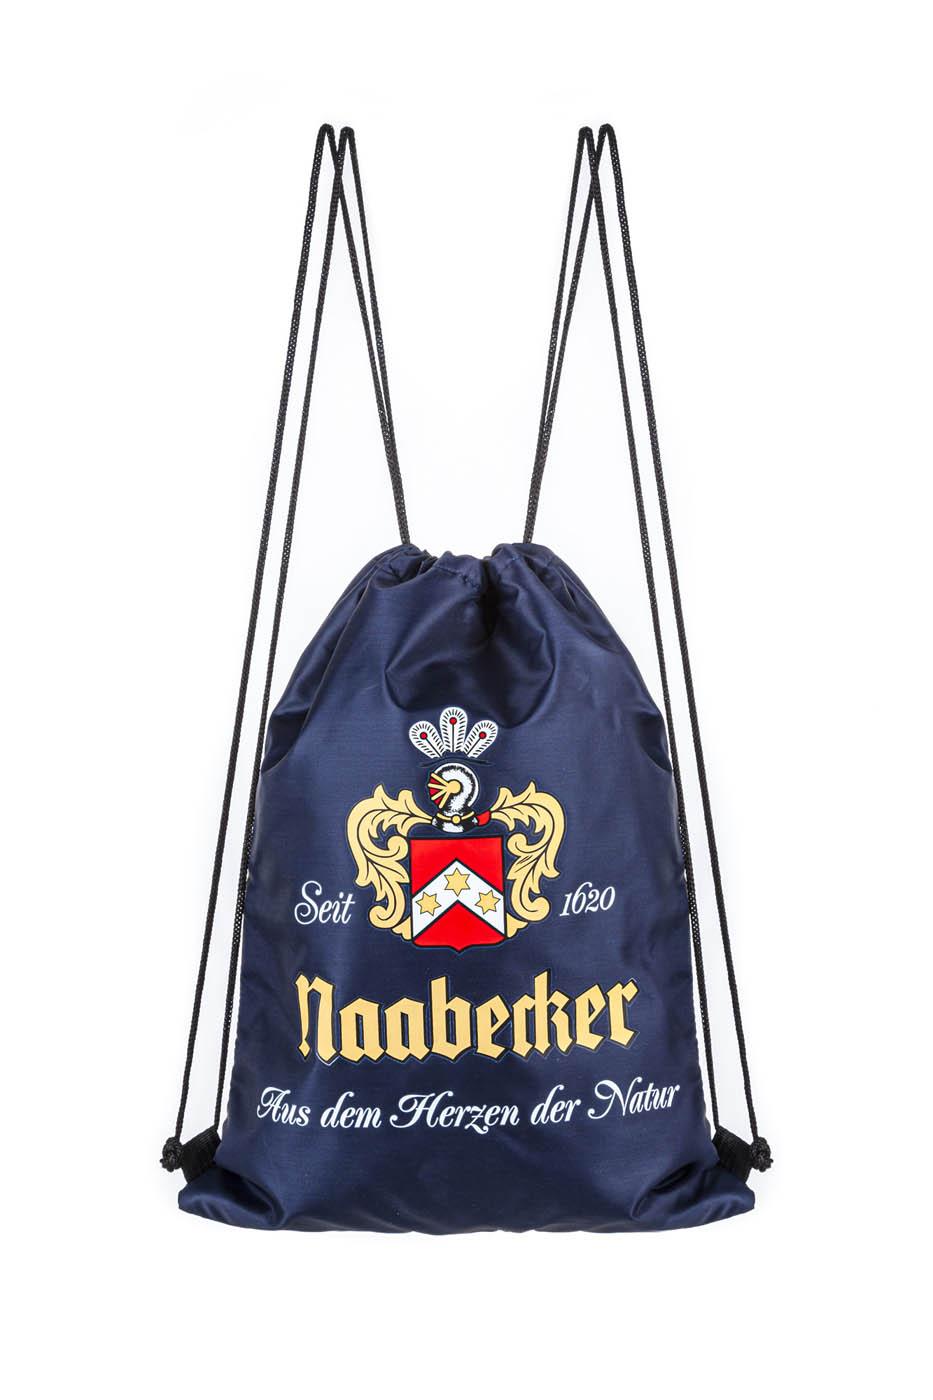 Naabecker Gymbag